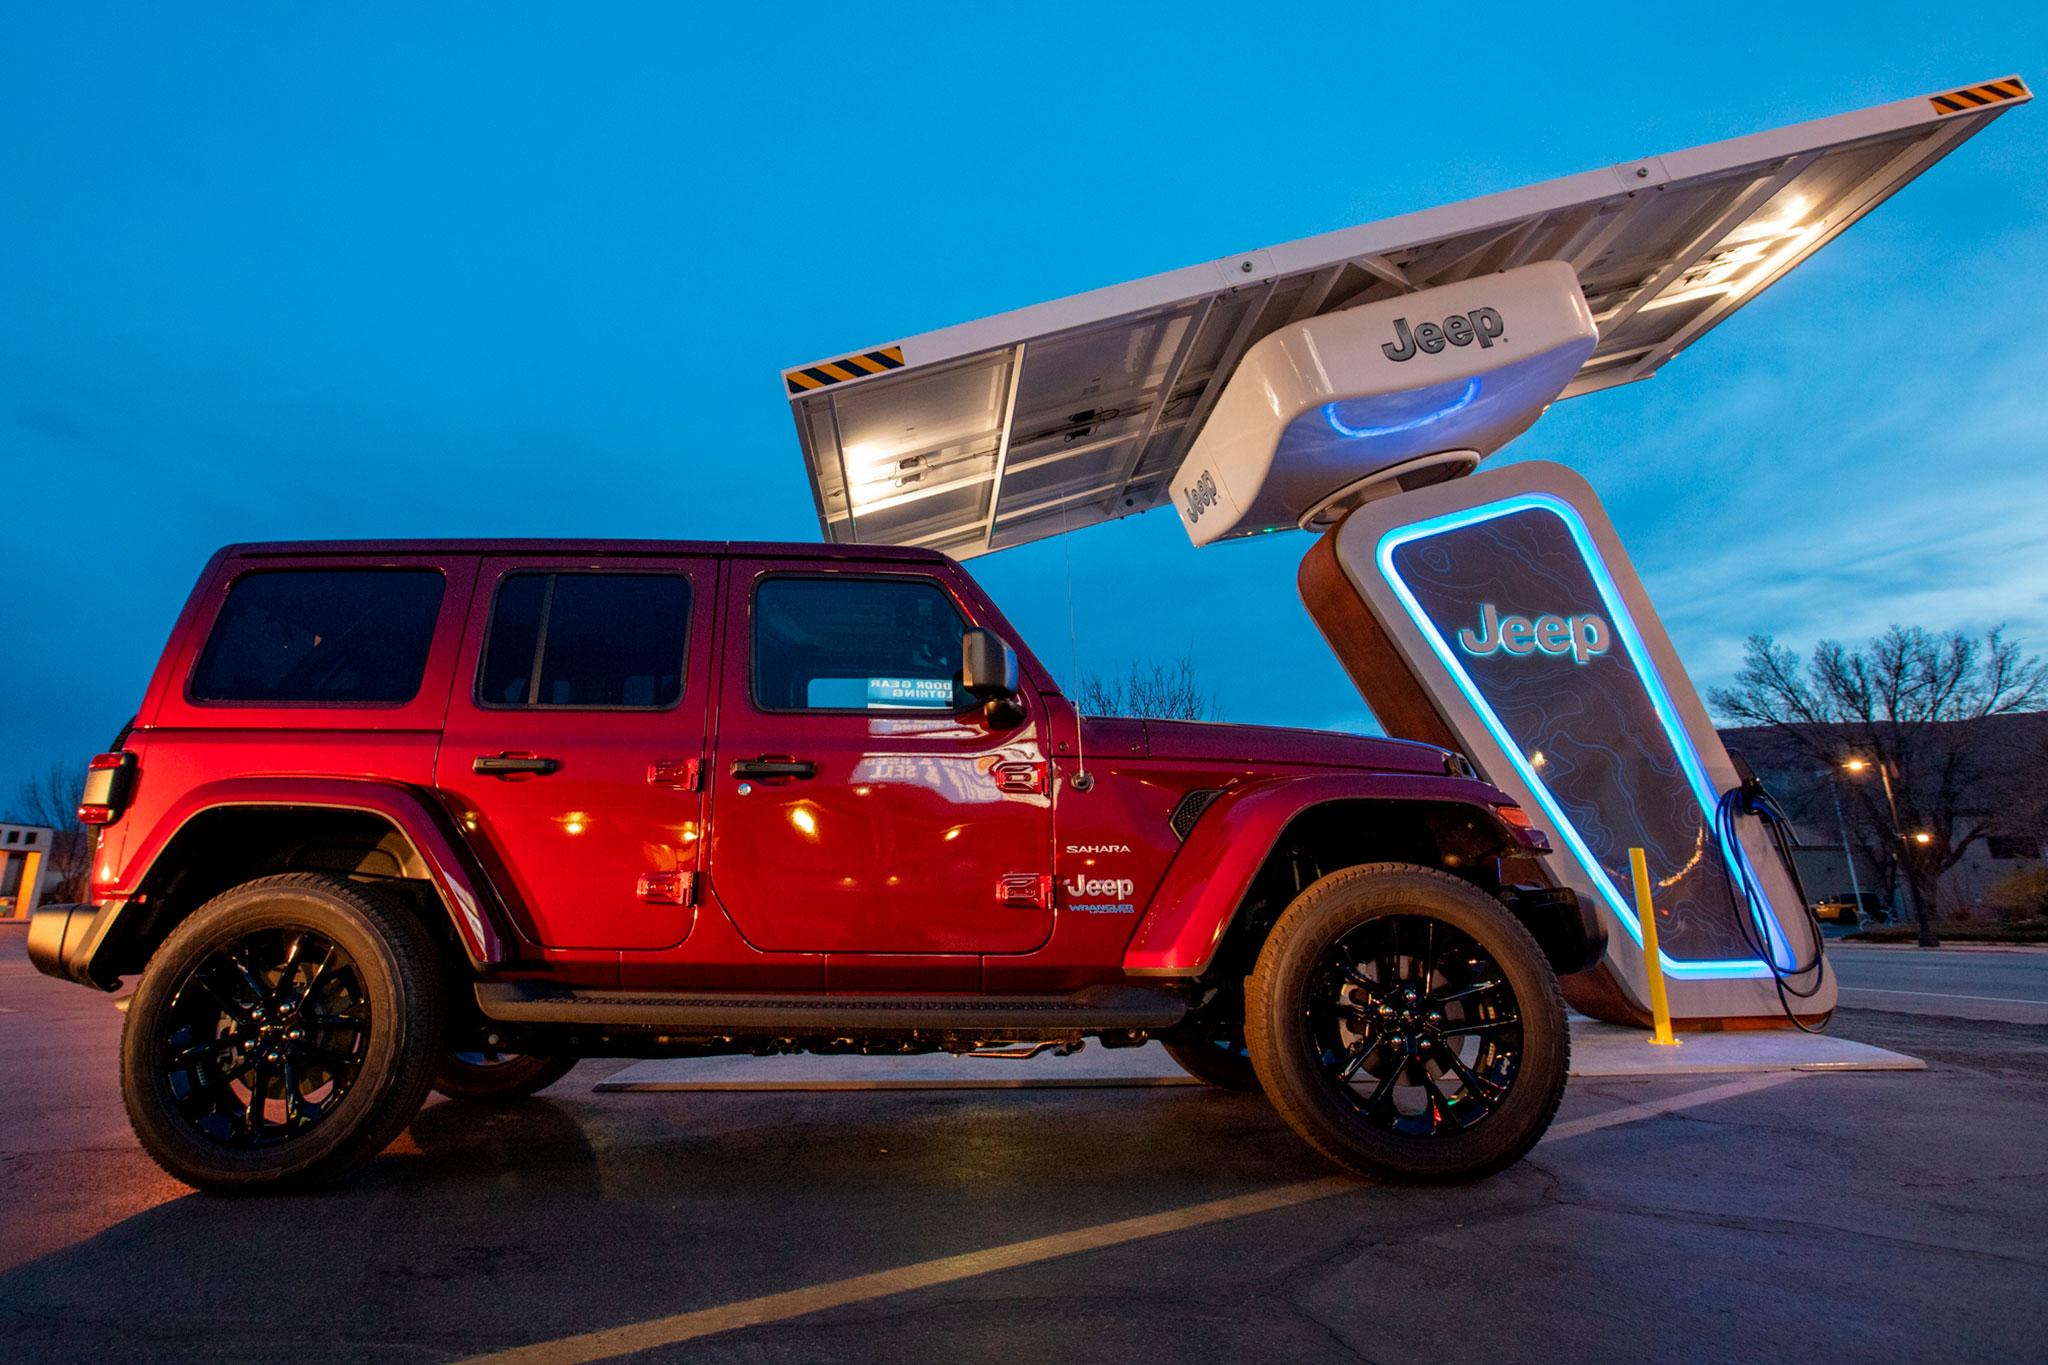 2021 Jeep Wrangler 4xe le réseau supportera toute la famille Jeep xe